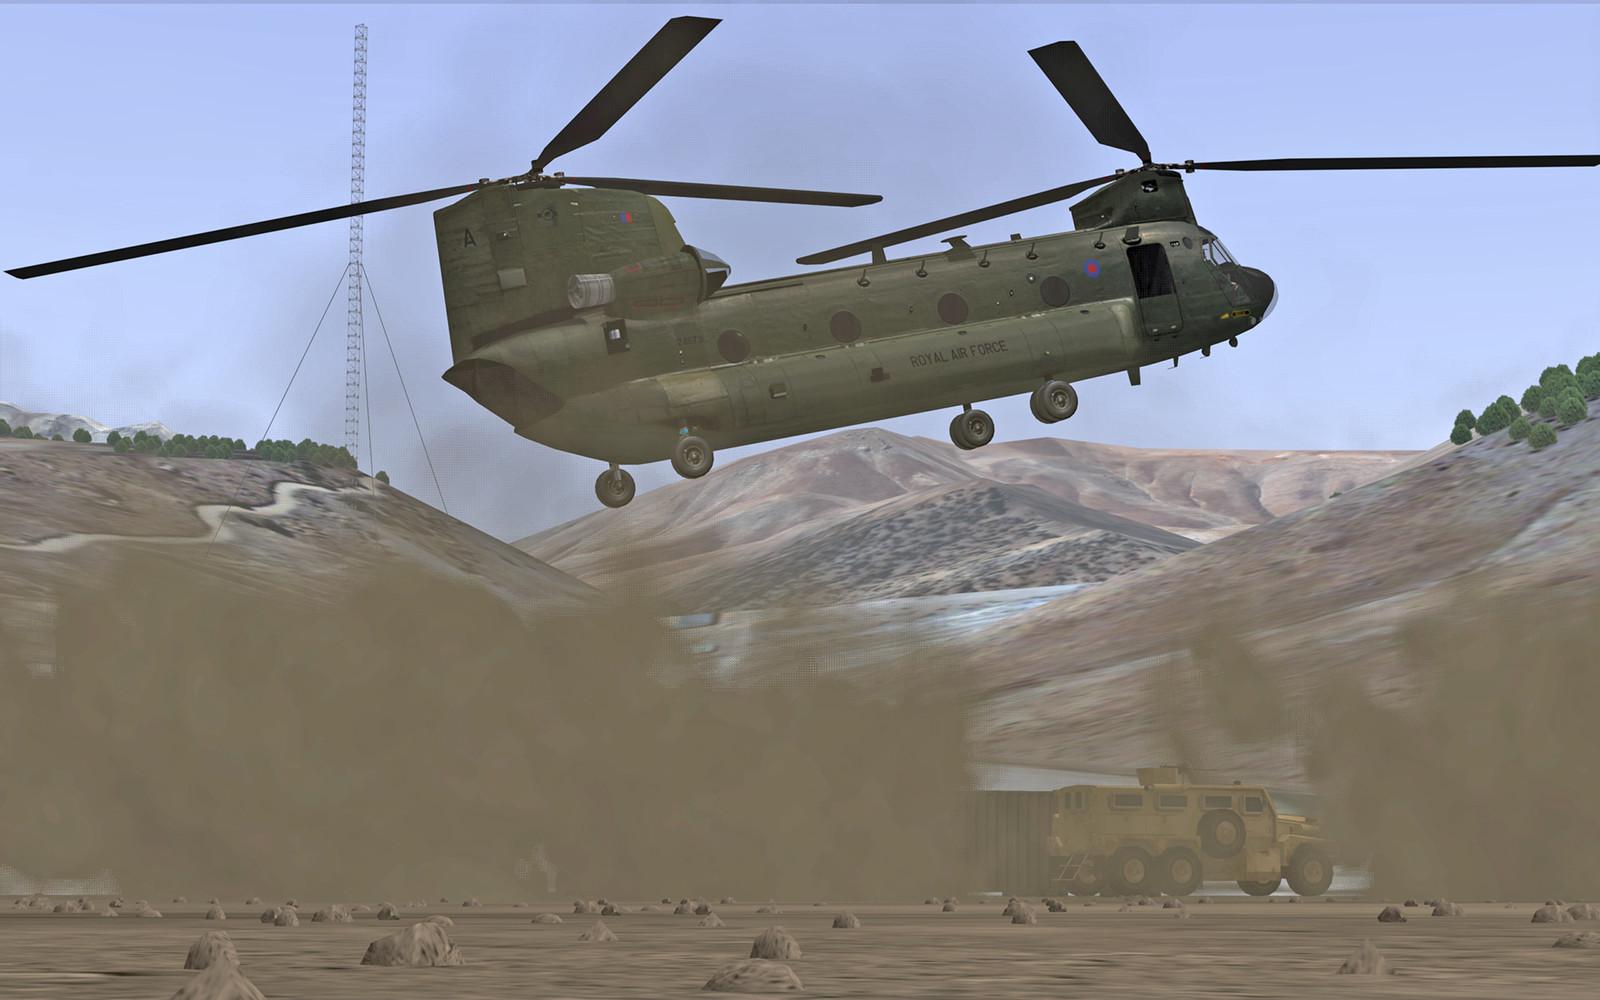 Chinook dust landing